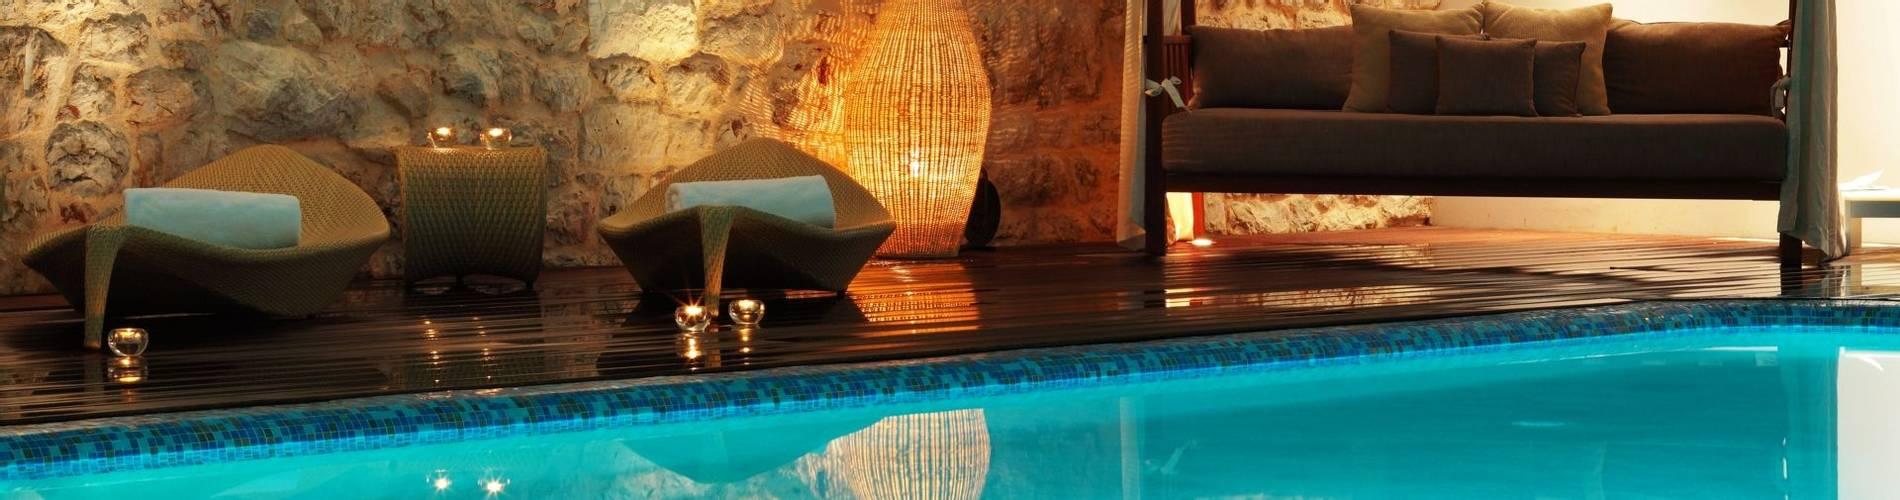 Adriana Hvar  Spa Hotel 2.jpg